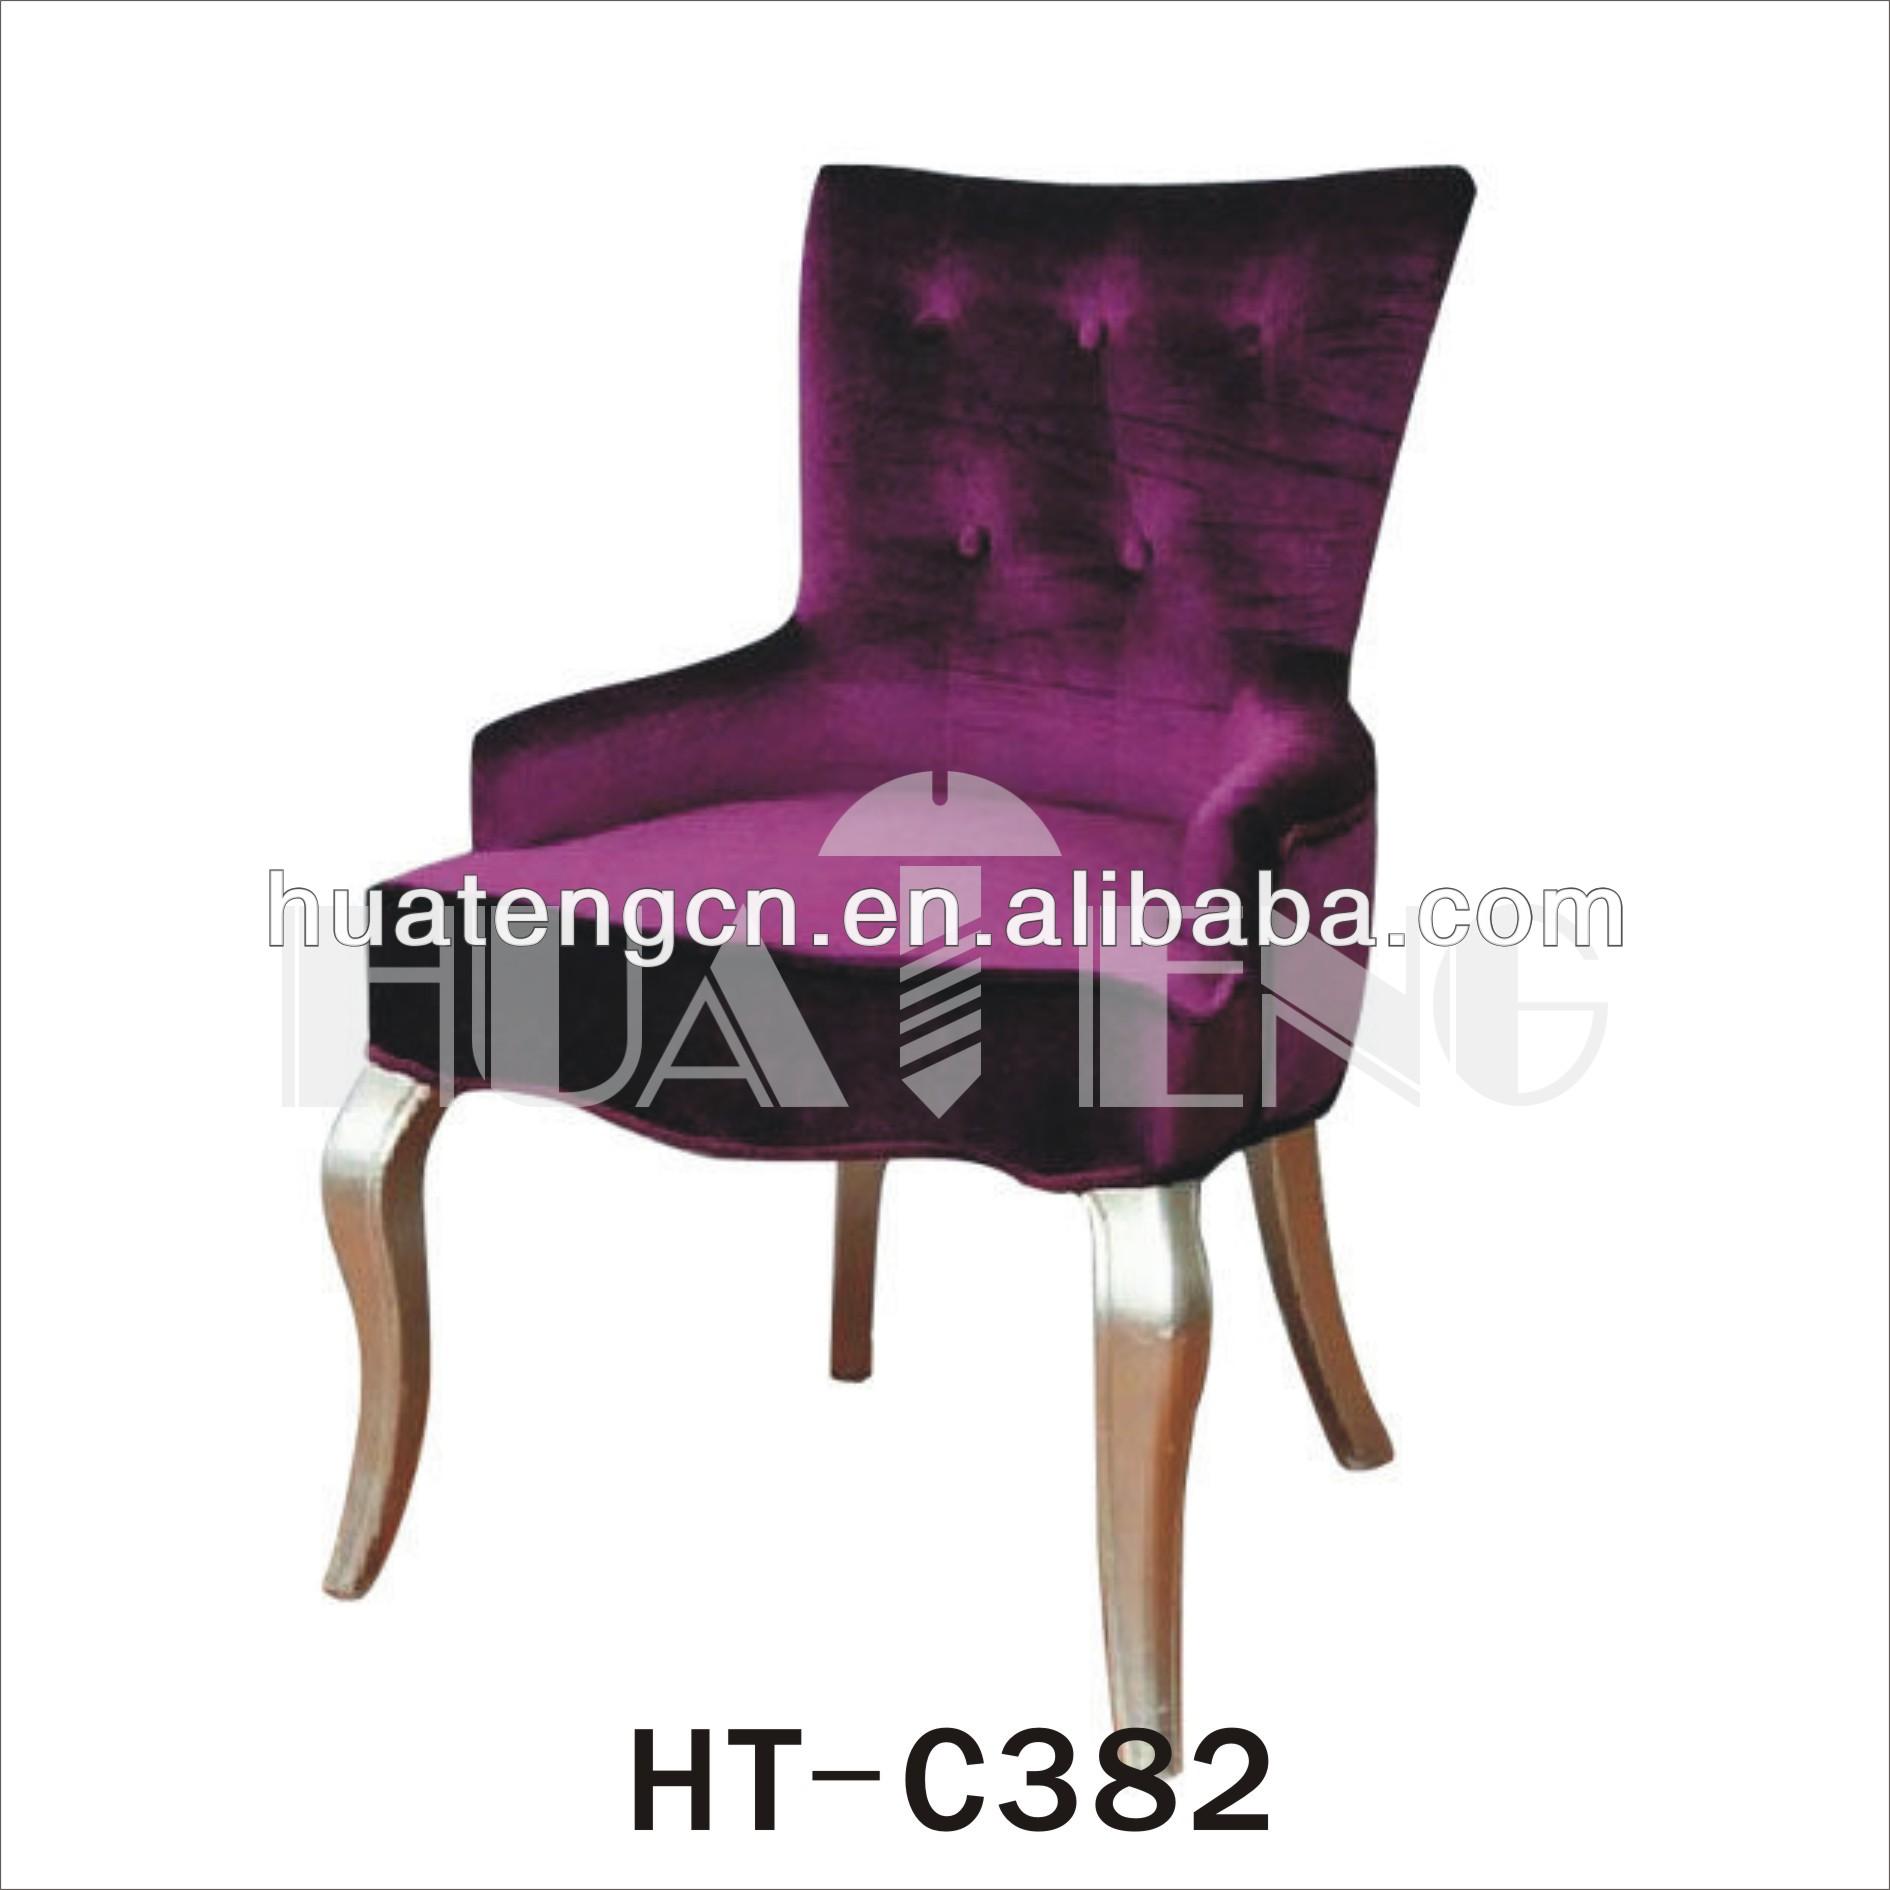 2014 chaise en bois chaise salle manger mobilier de for Chaise salle a manger en bois